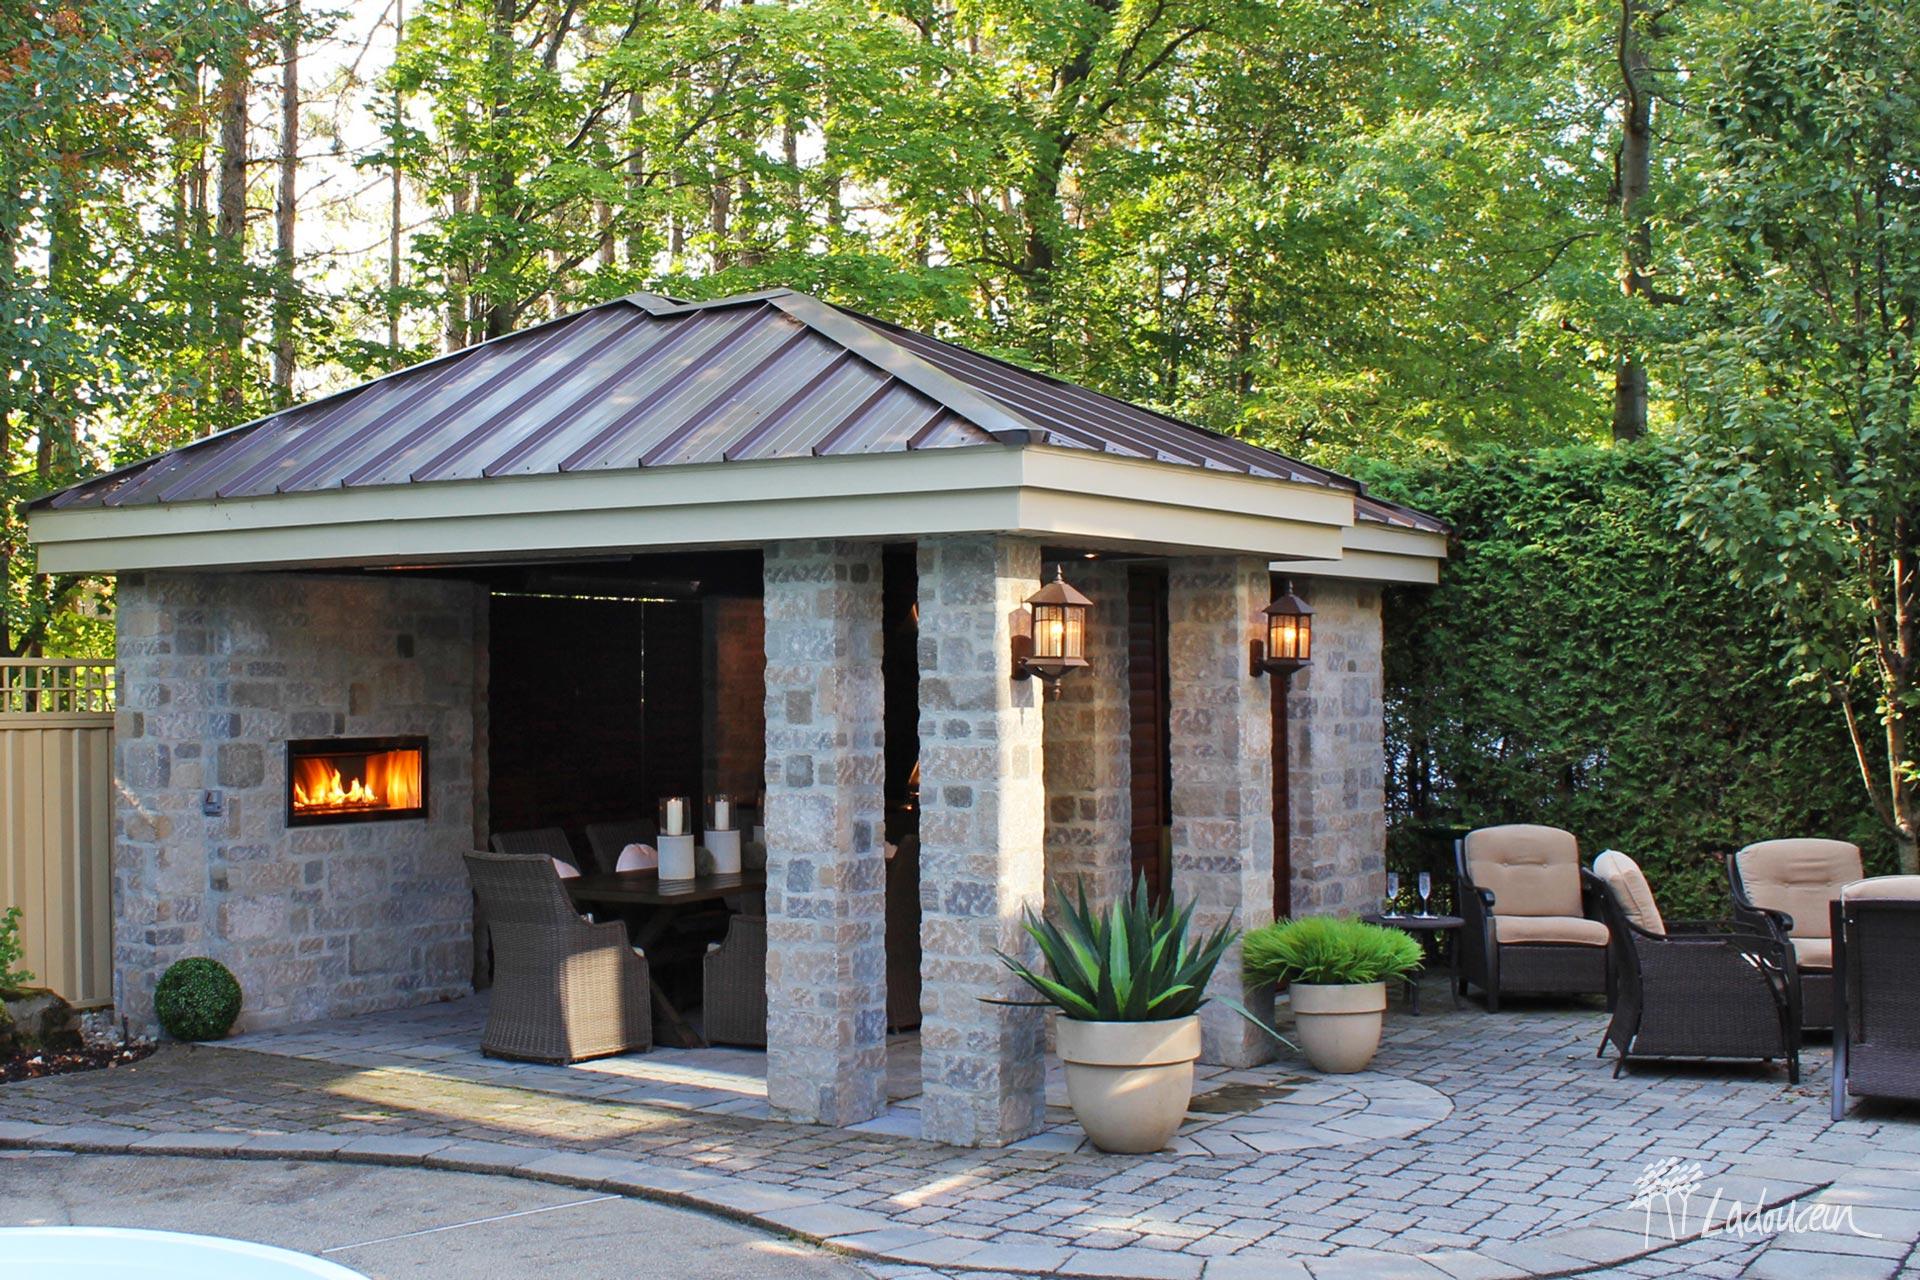 Cuisine extérieure,  pavillon en pierres contemporaine avec foyer intégré construit sur mesure, mobilier de jardin et pavé uni. Projet signé Ladouceur